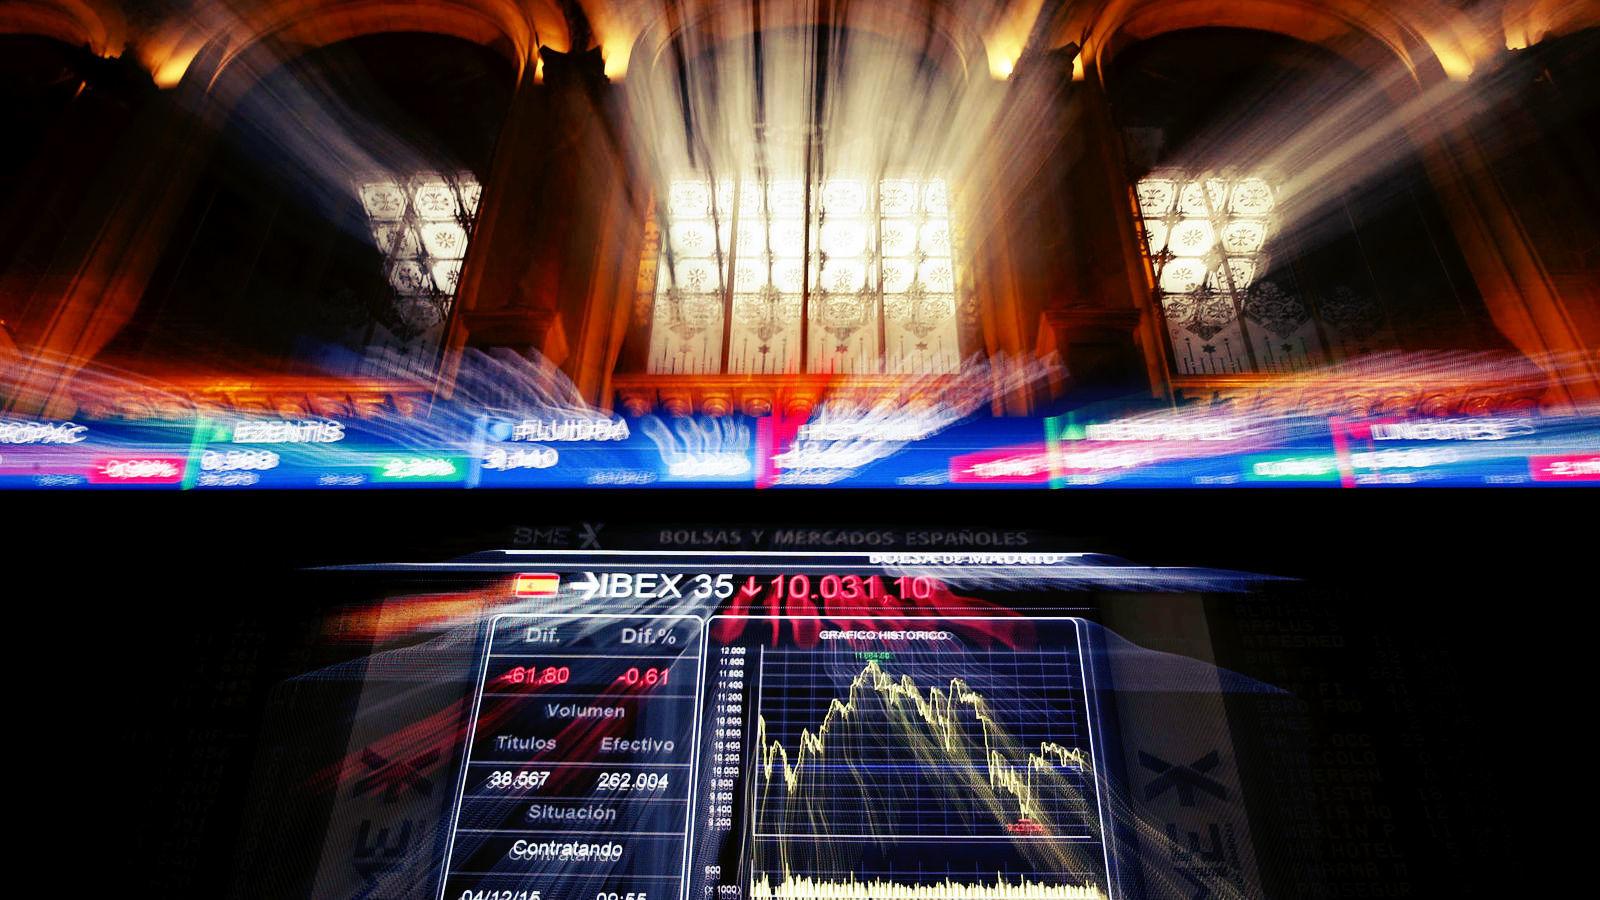 los-bancos-afrontan-los-resultados-con-casi-100-000-millones-menos-de-valor-en-bolsa